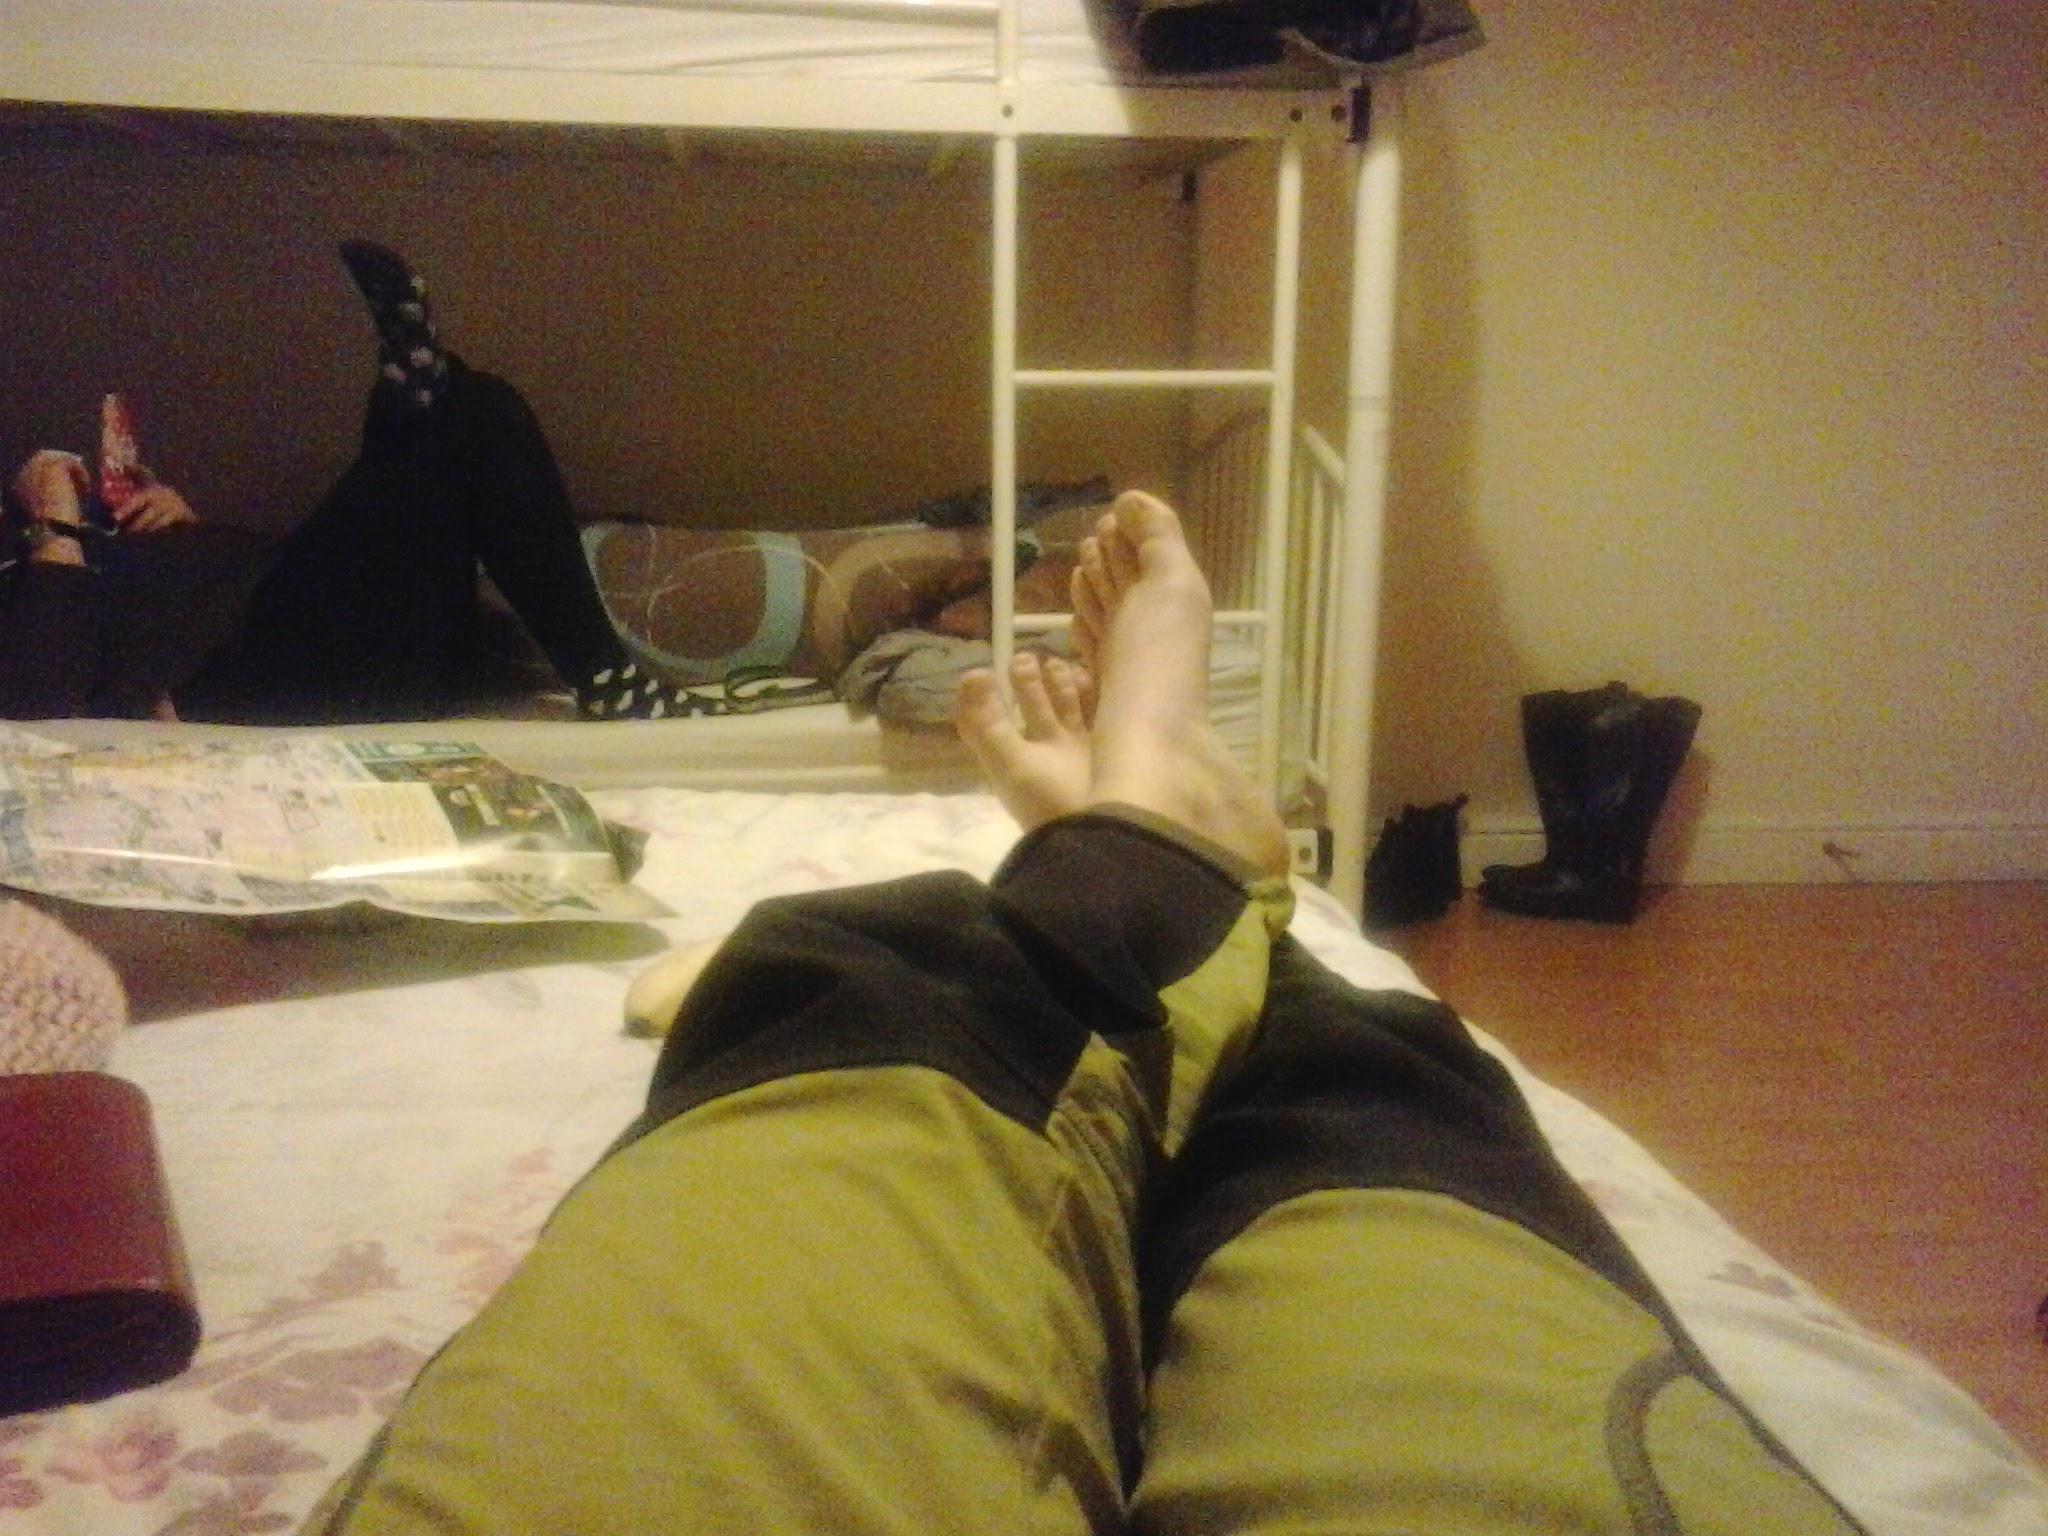 Unavené nohy po večernom chodení naboso